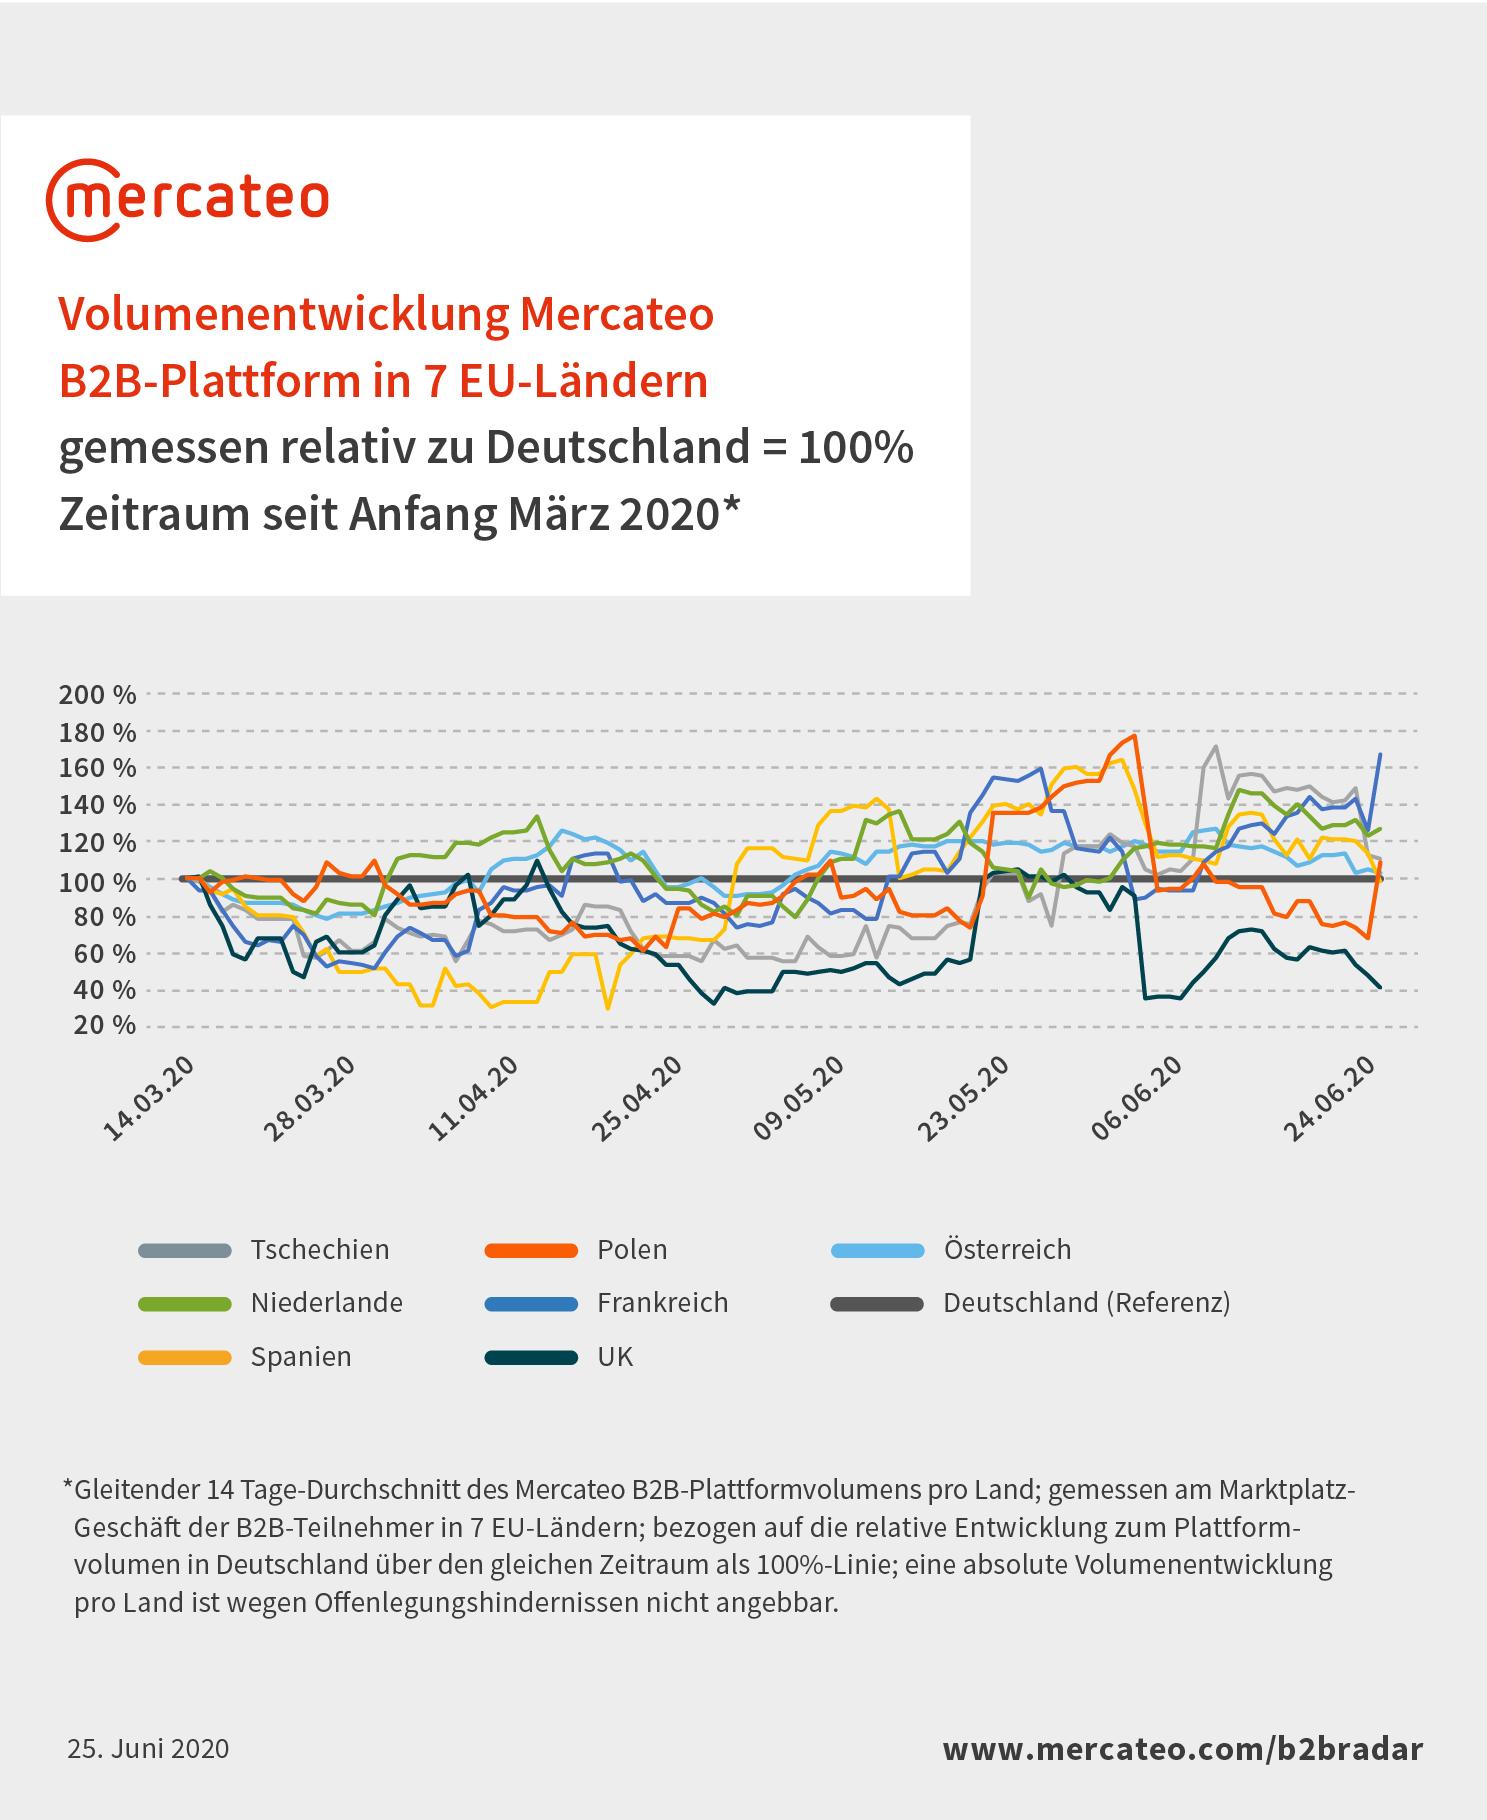 Volumenentwicklung Mercateo B2B-Plattform in 7 EU-Ländern